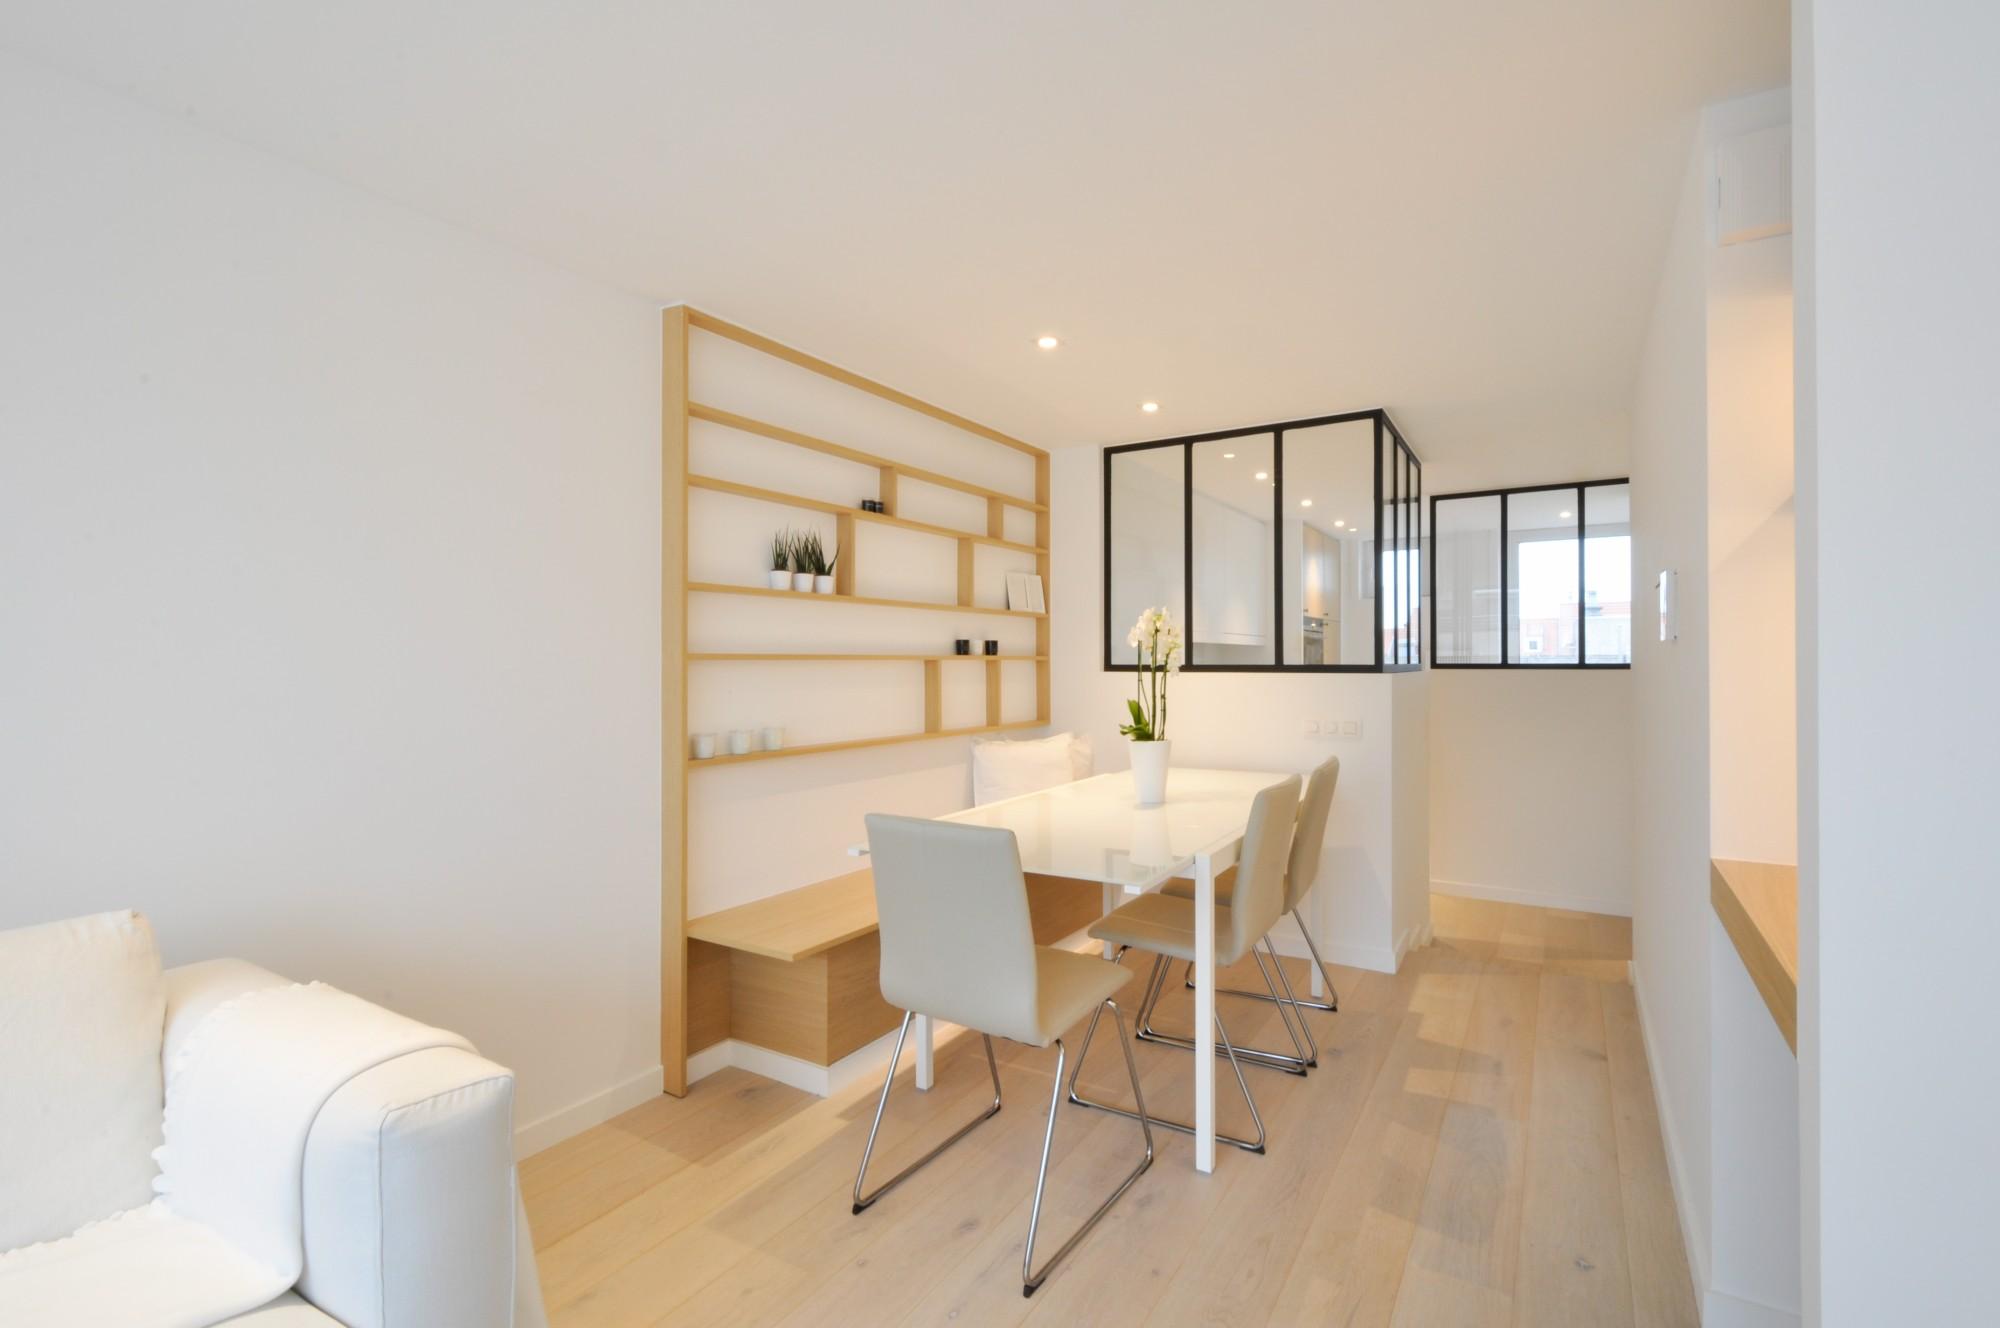 Verkoop Appartement T3 F3 Knokke-Heist - Duplex Lippenslaan ...